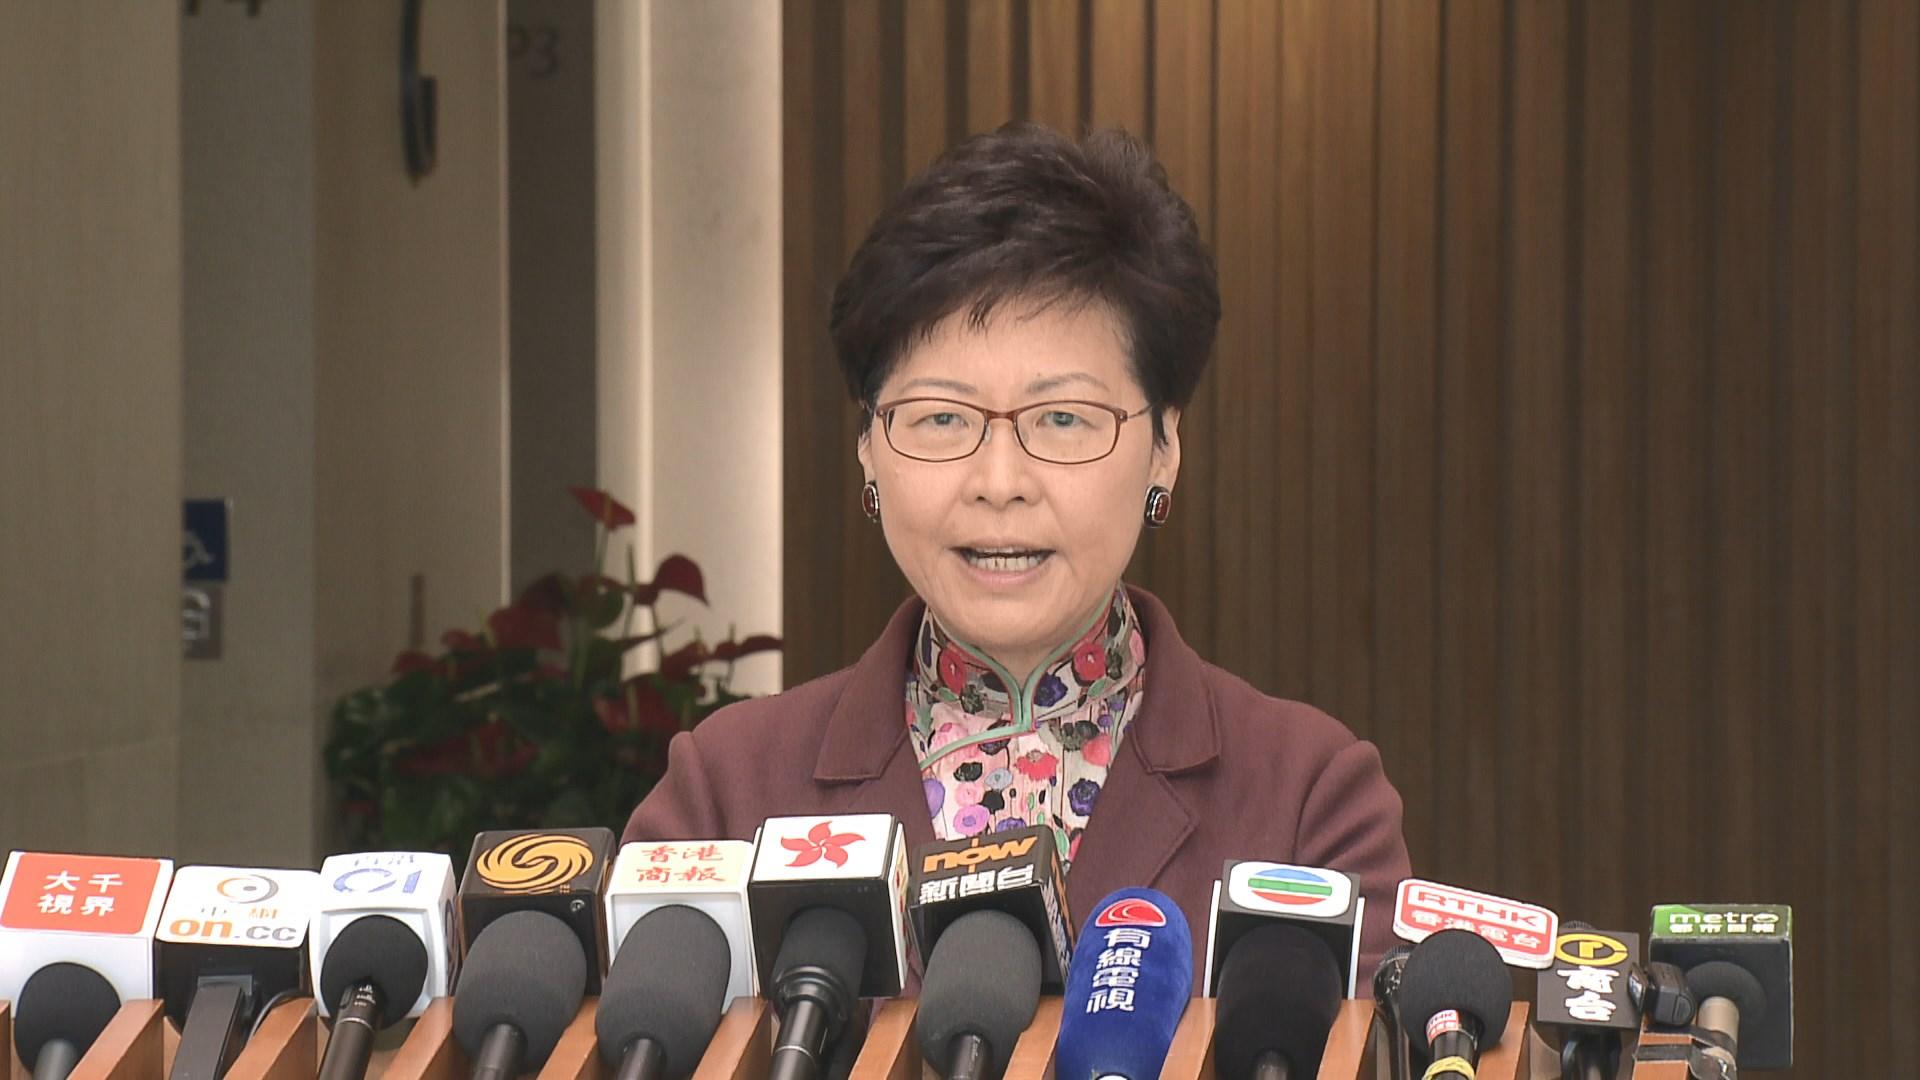 林鄭拒評劉鑾雄就修訂逃犯條例入稟